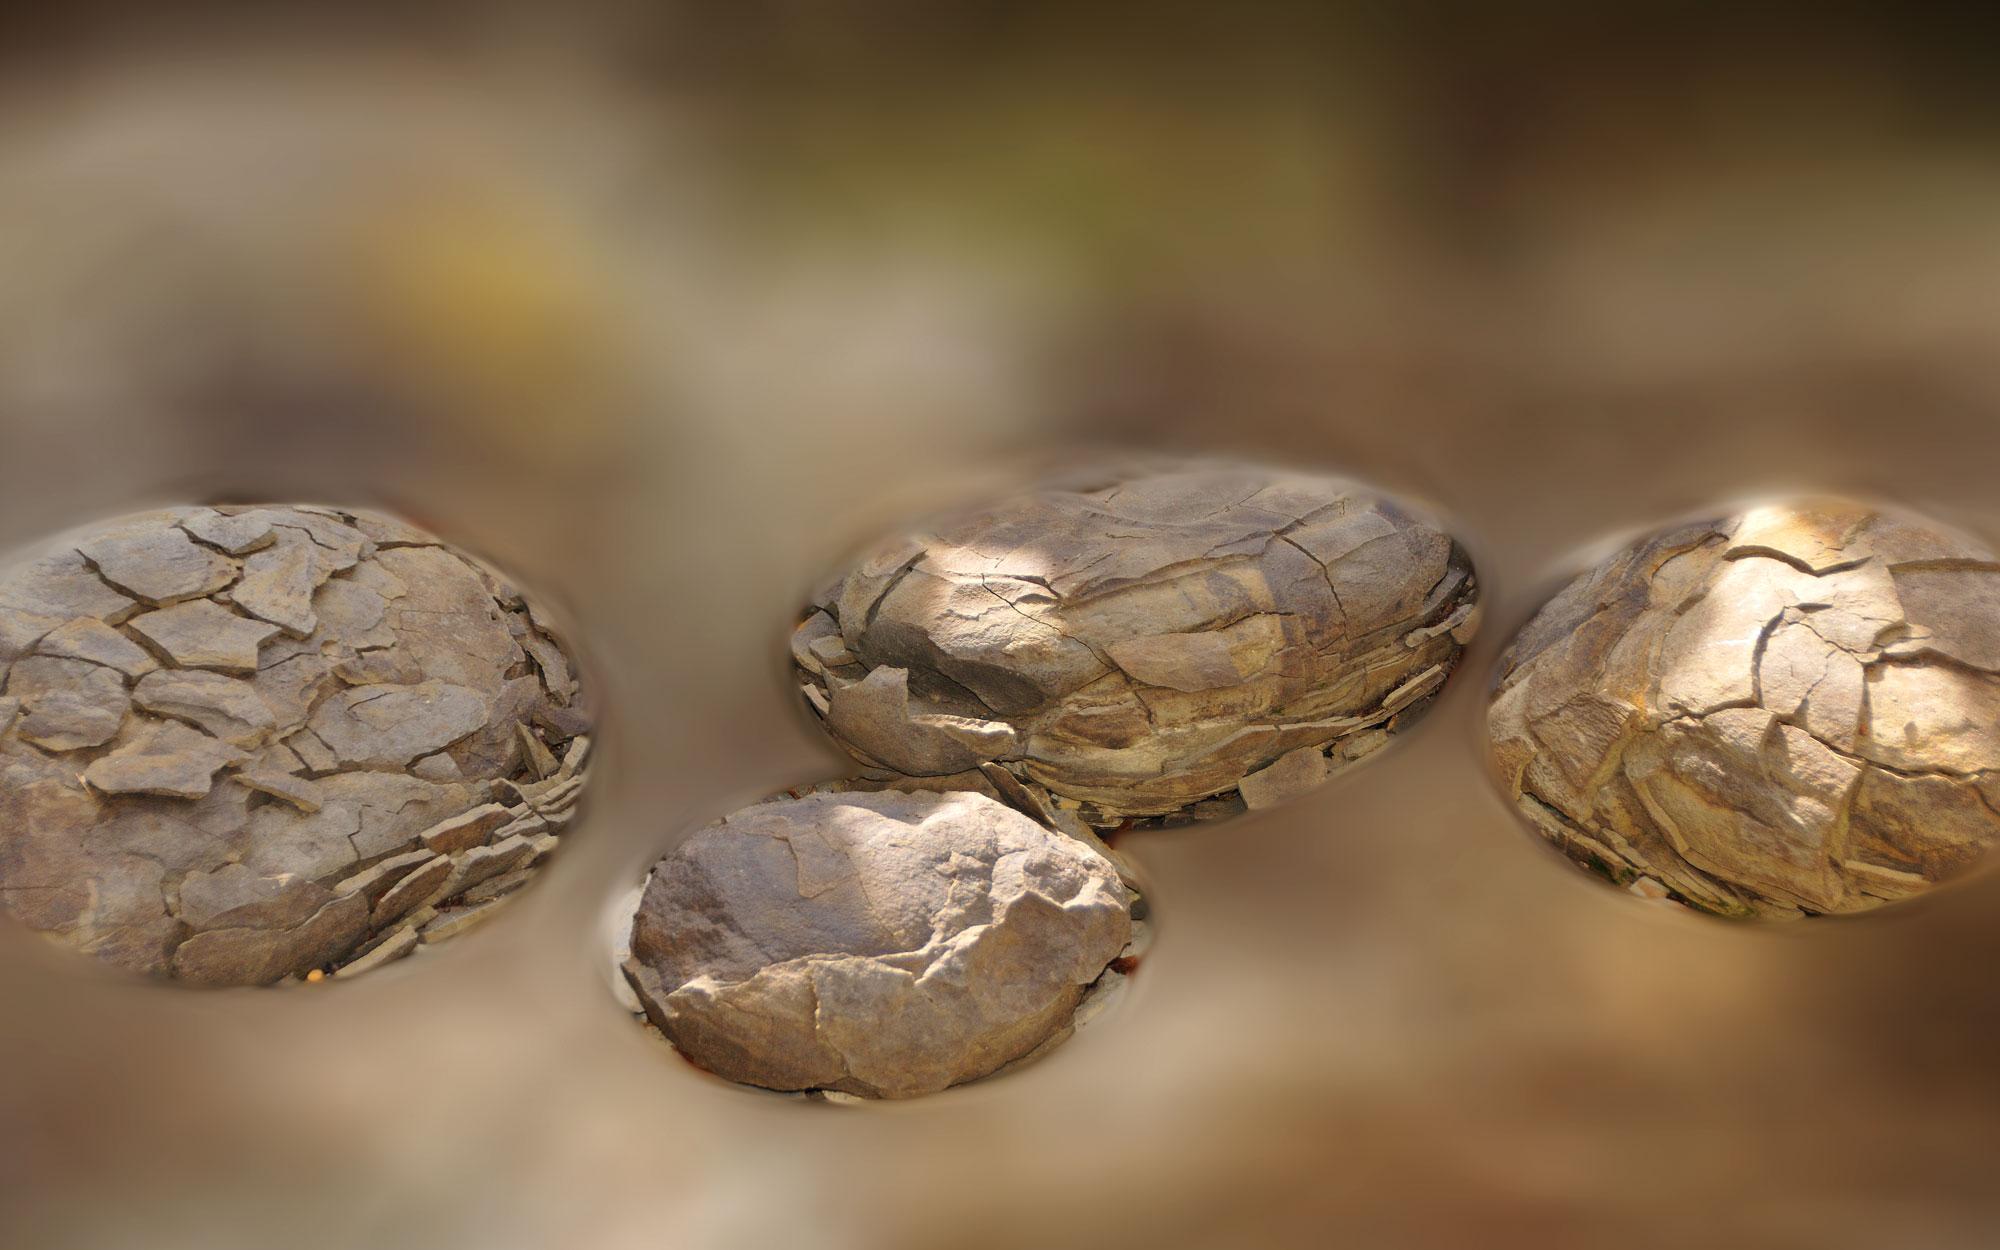 Oeufs fossilisés au musée régional de Paysac en Ardèche